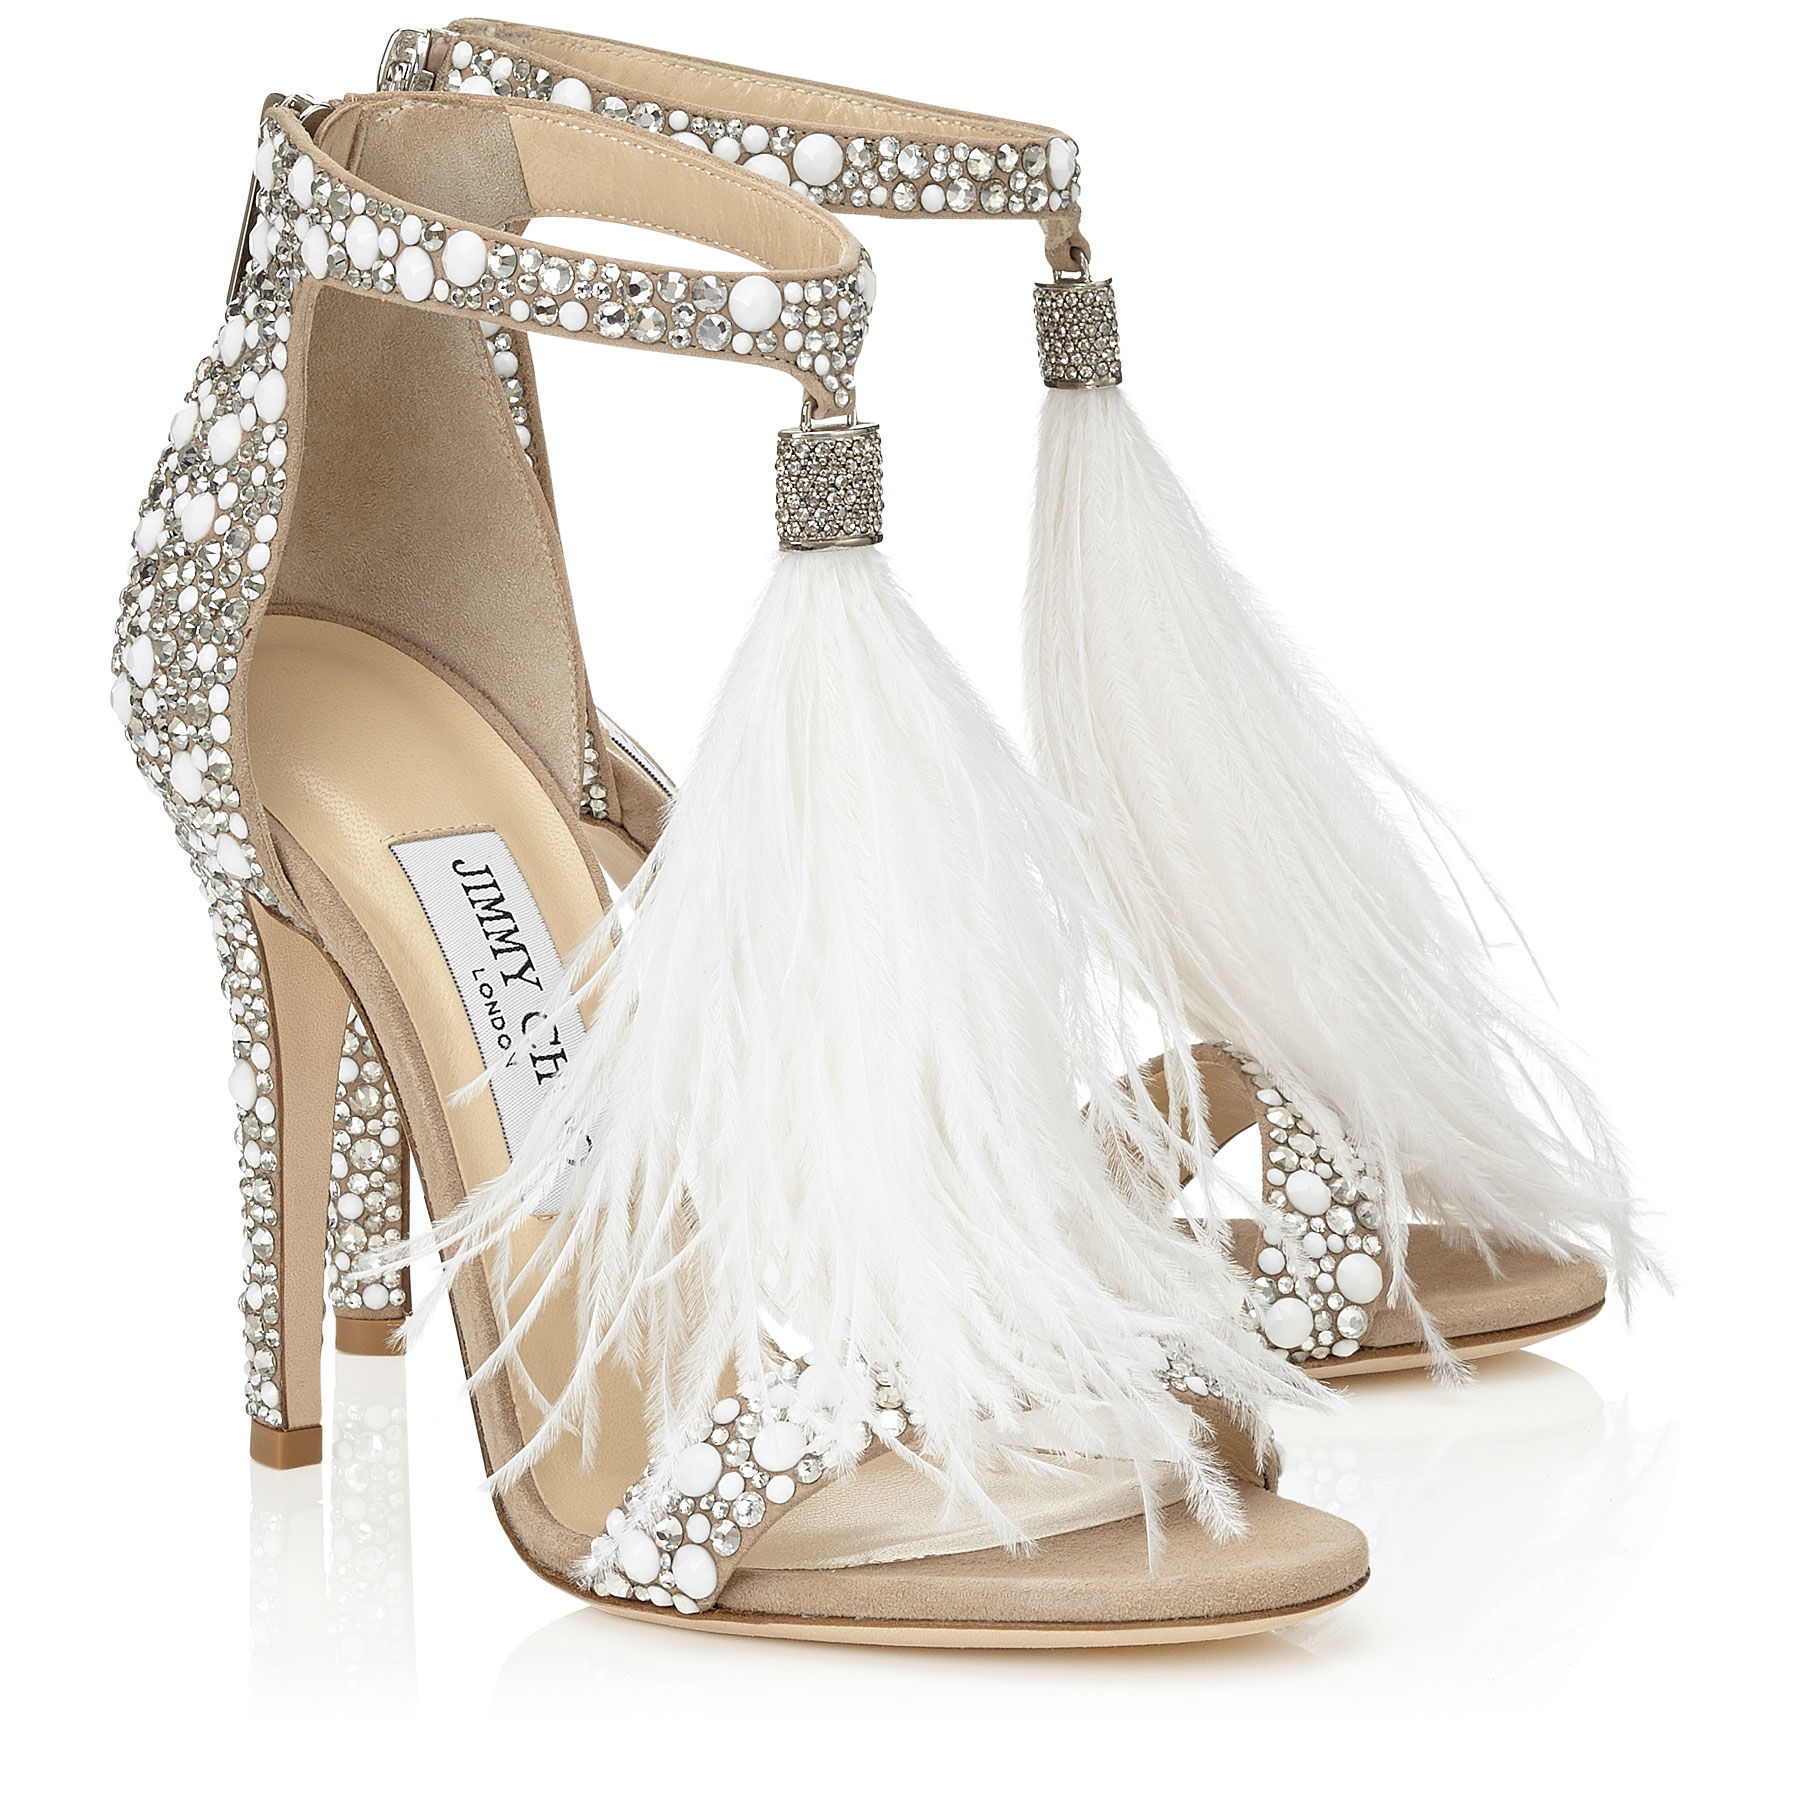 Sandali gioiello Jimmy Choo bianchi